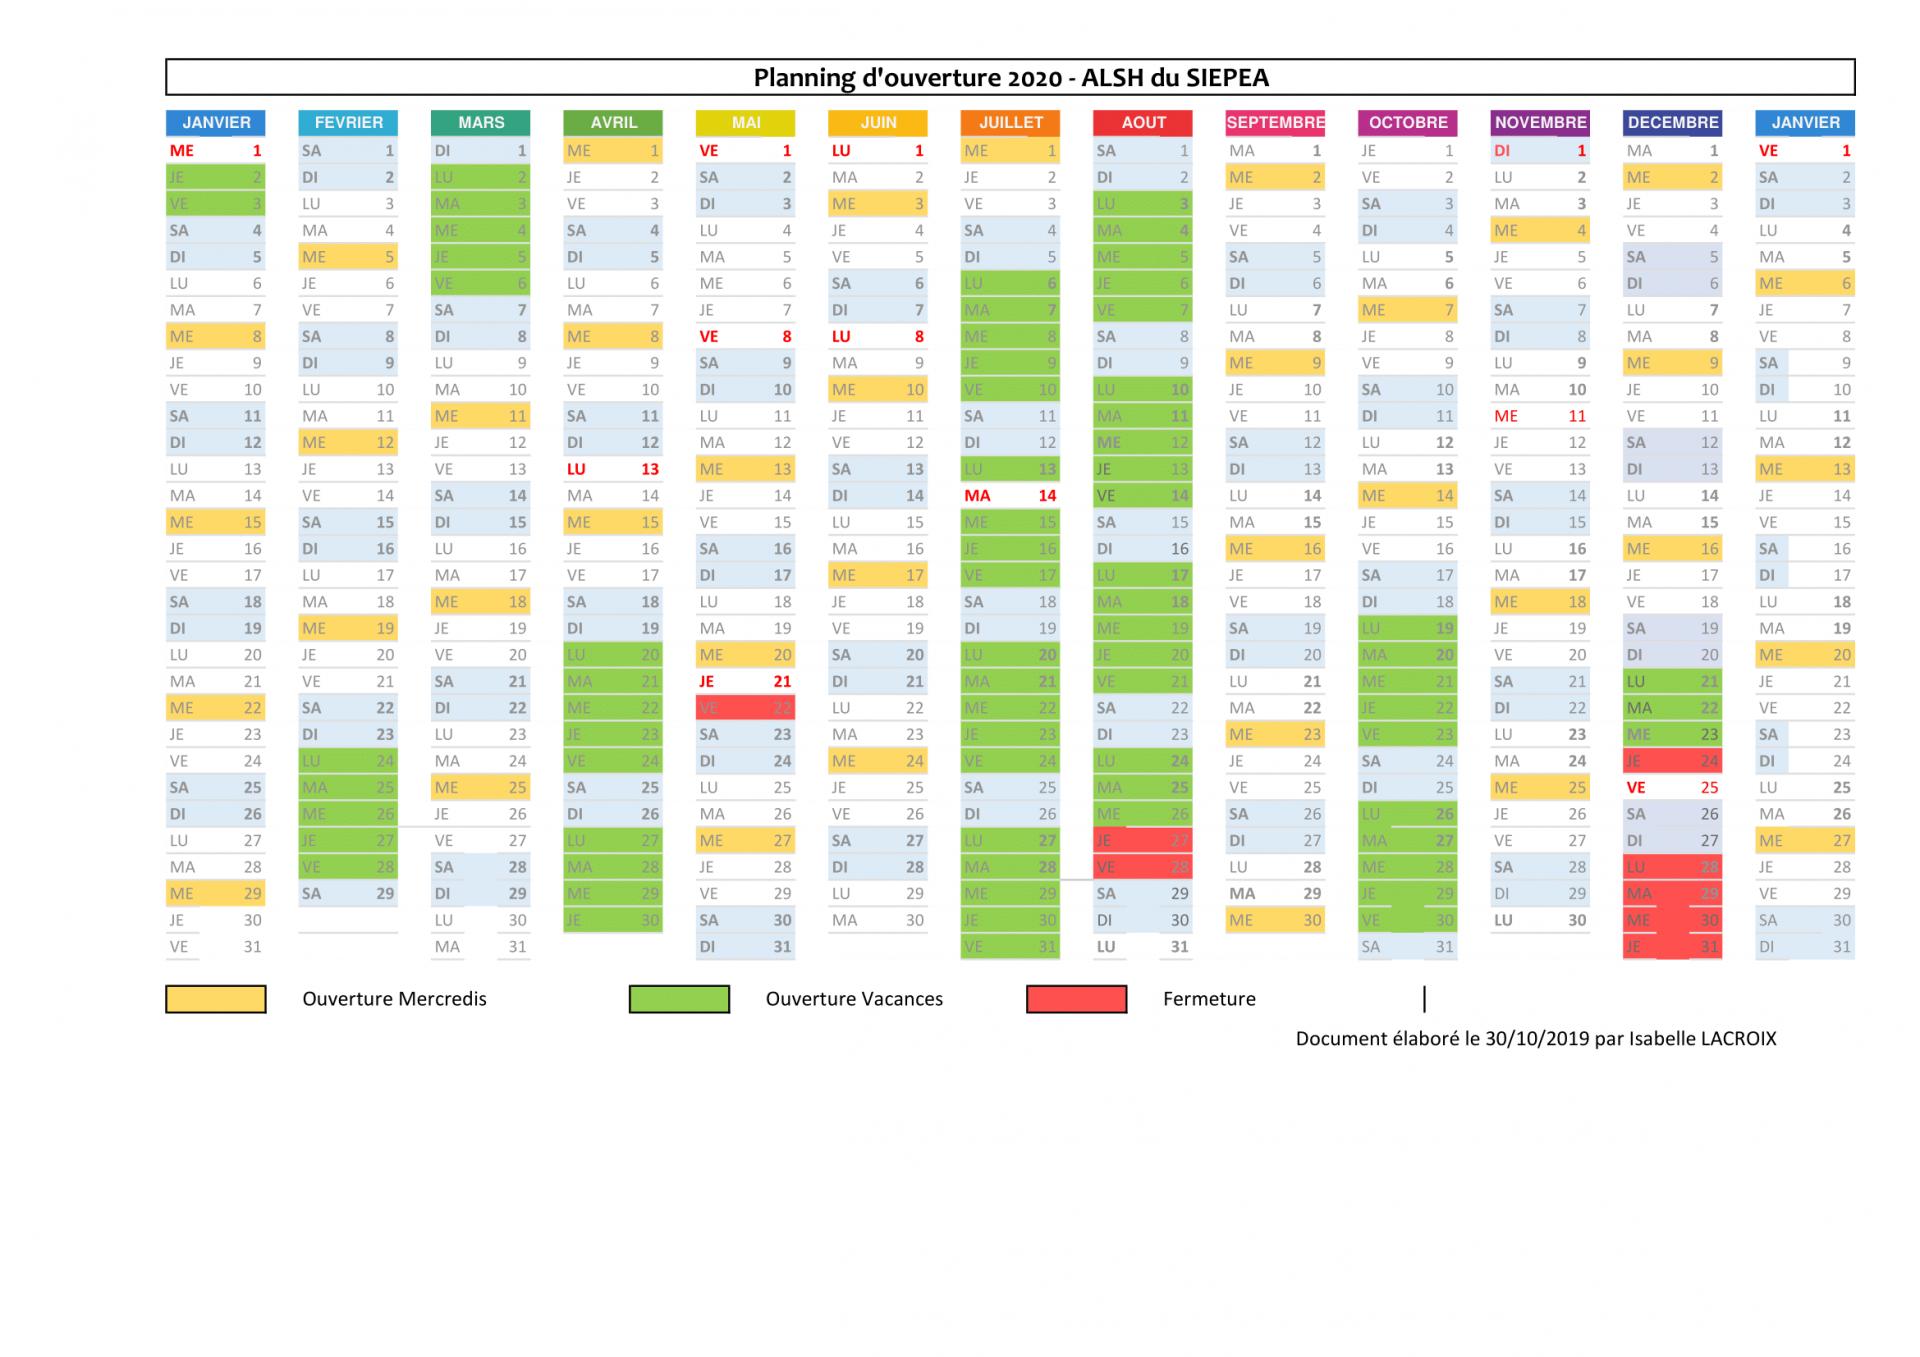 Planning previsionnel alsh 2020